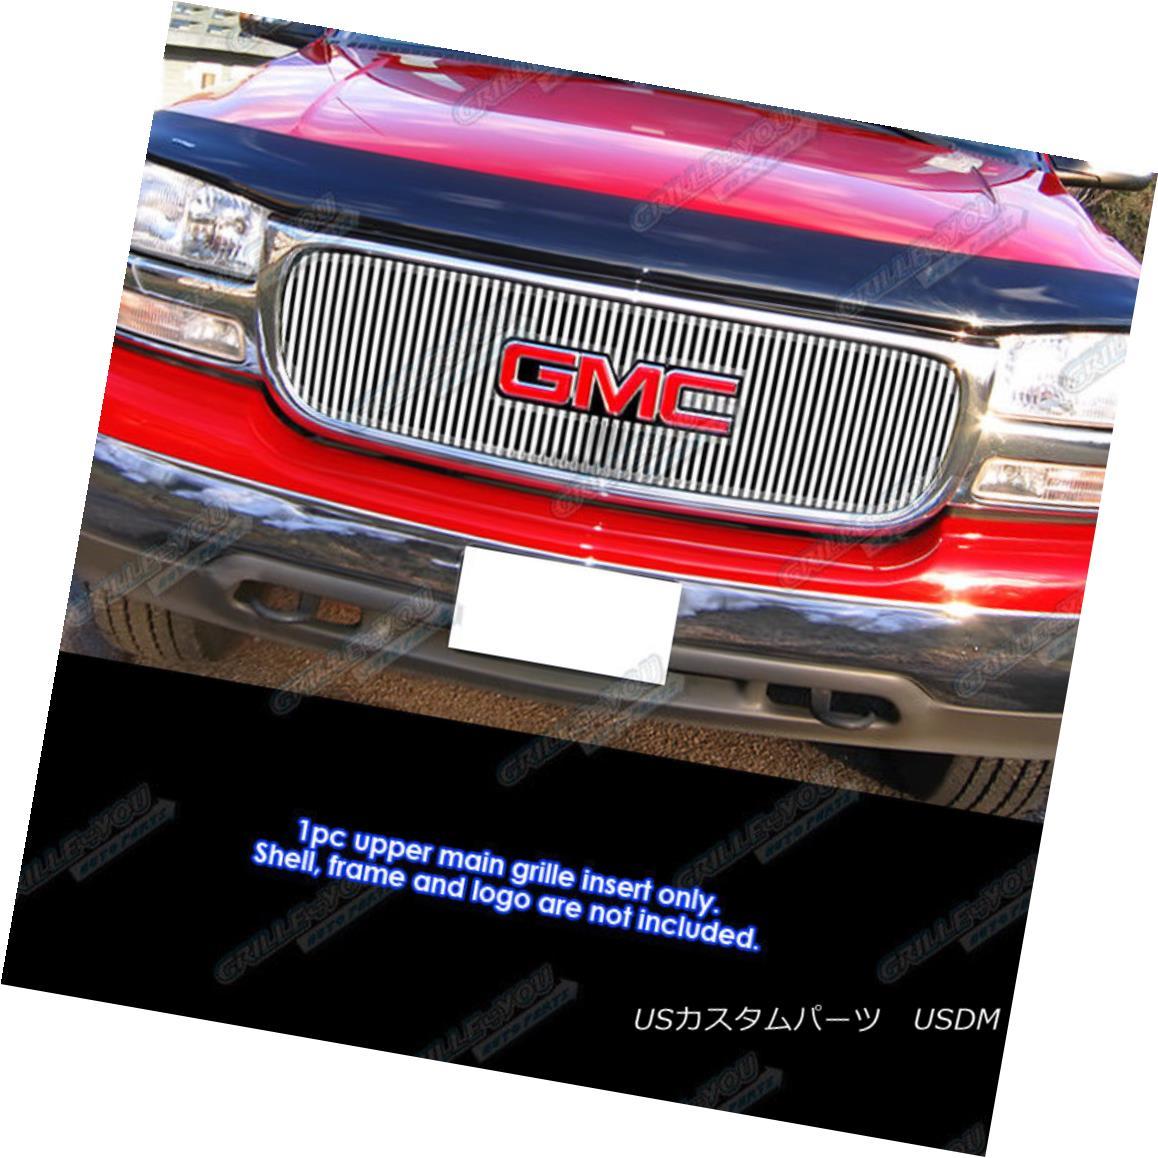 グリル Fits 1999-2000 GMC Sierra 1500/2001-2006 Yukon Denali Perimeter Grille 適合1999-2000 GMC Sierra 1500 / 2001-2006ユーコンデナリペリメーターグリル